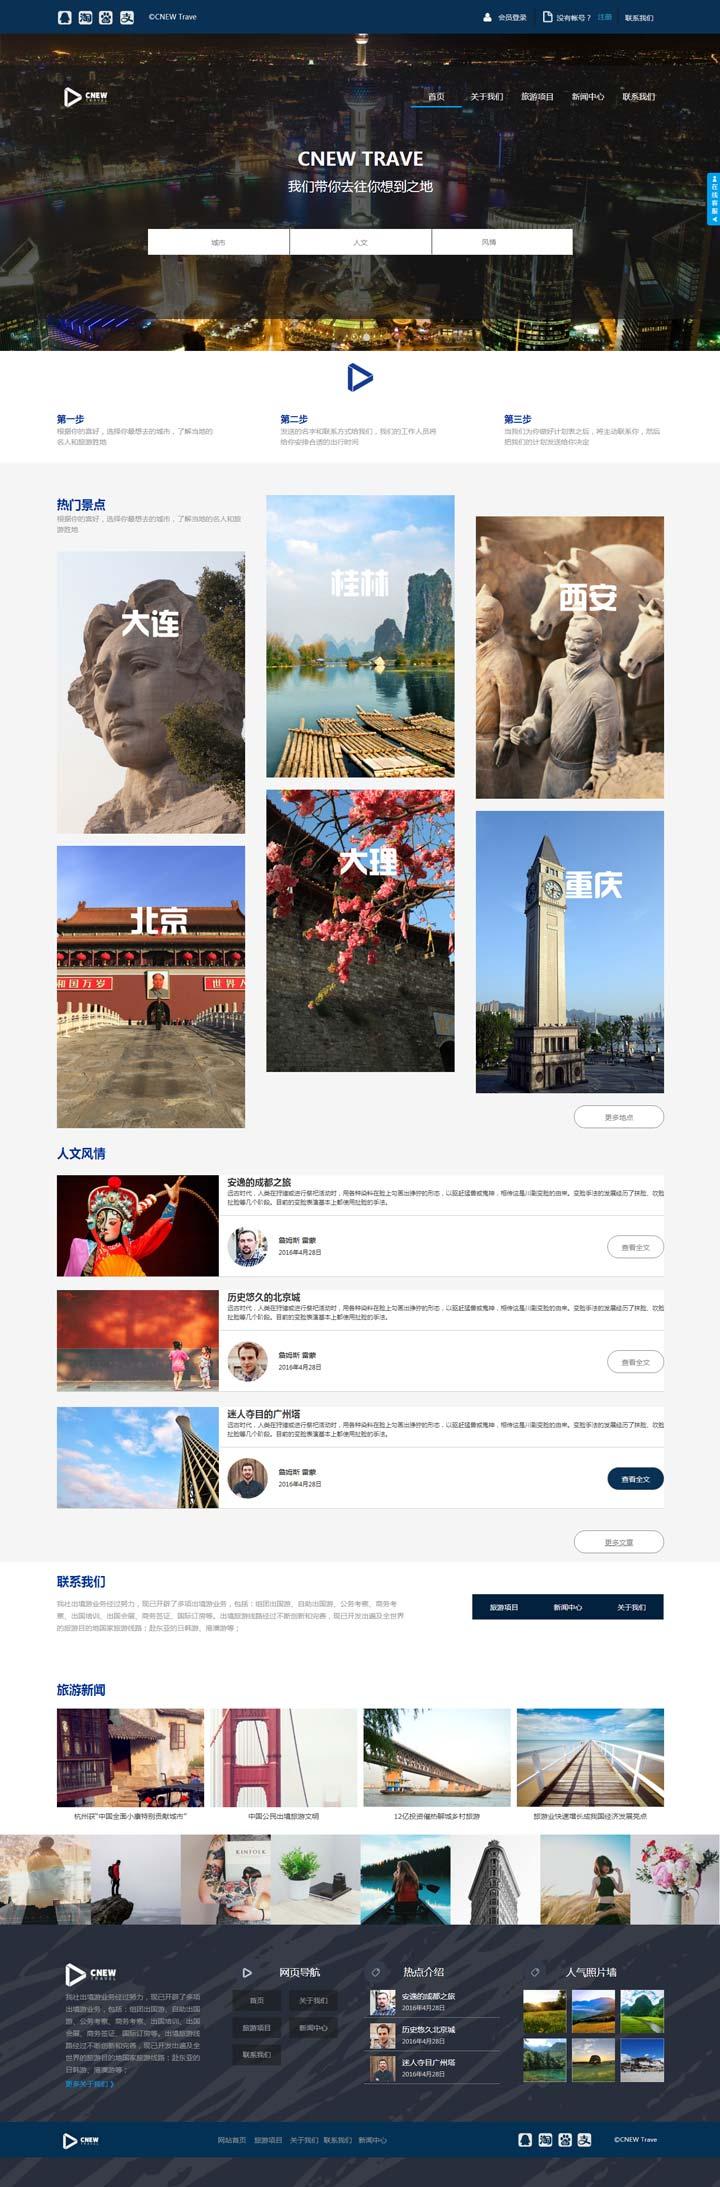 旅游项目展示型网站